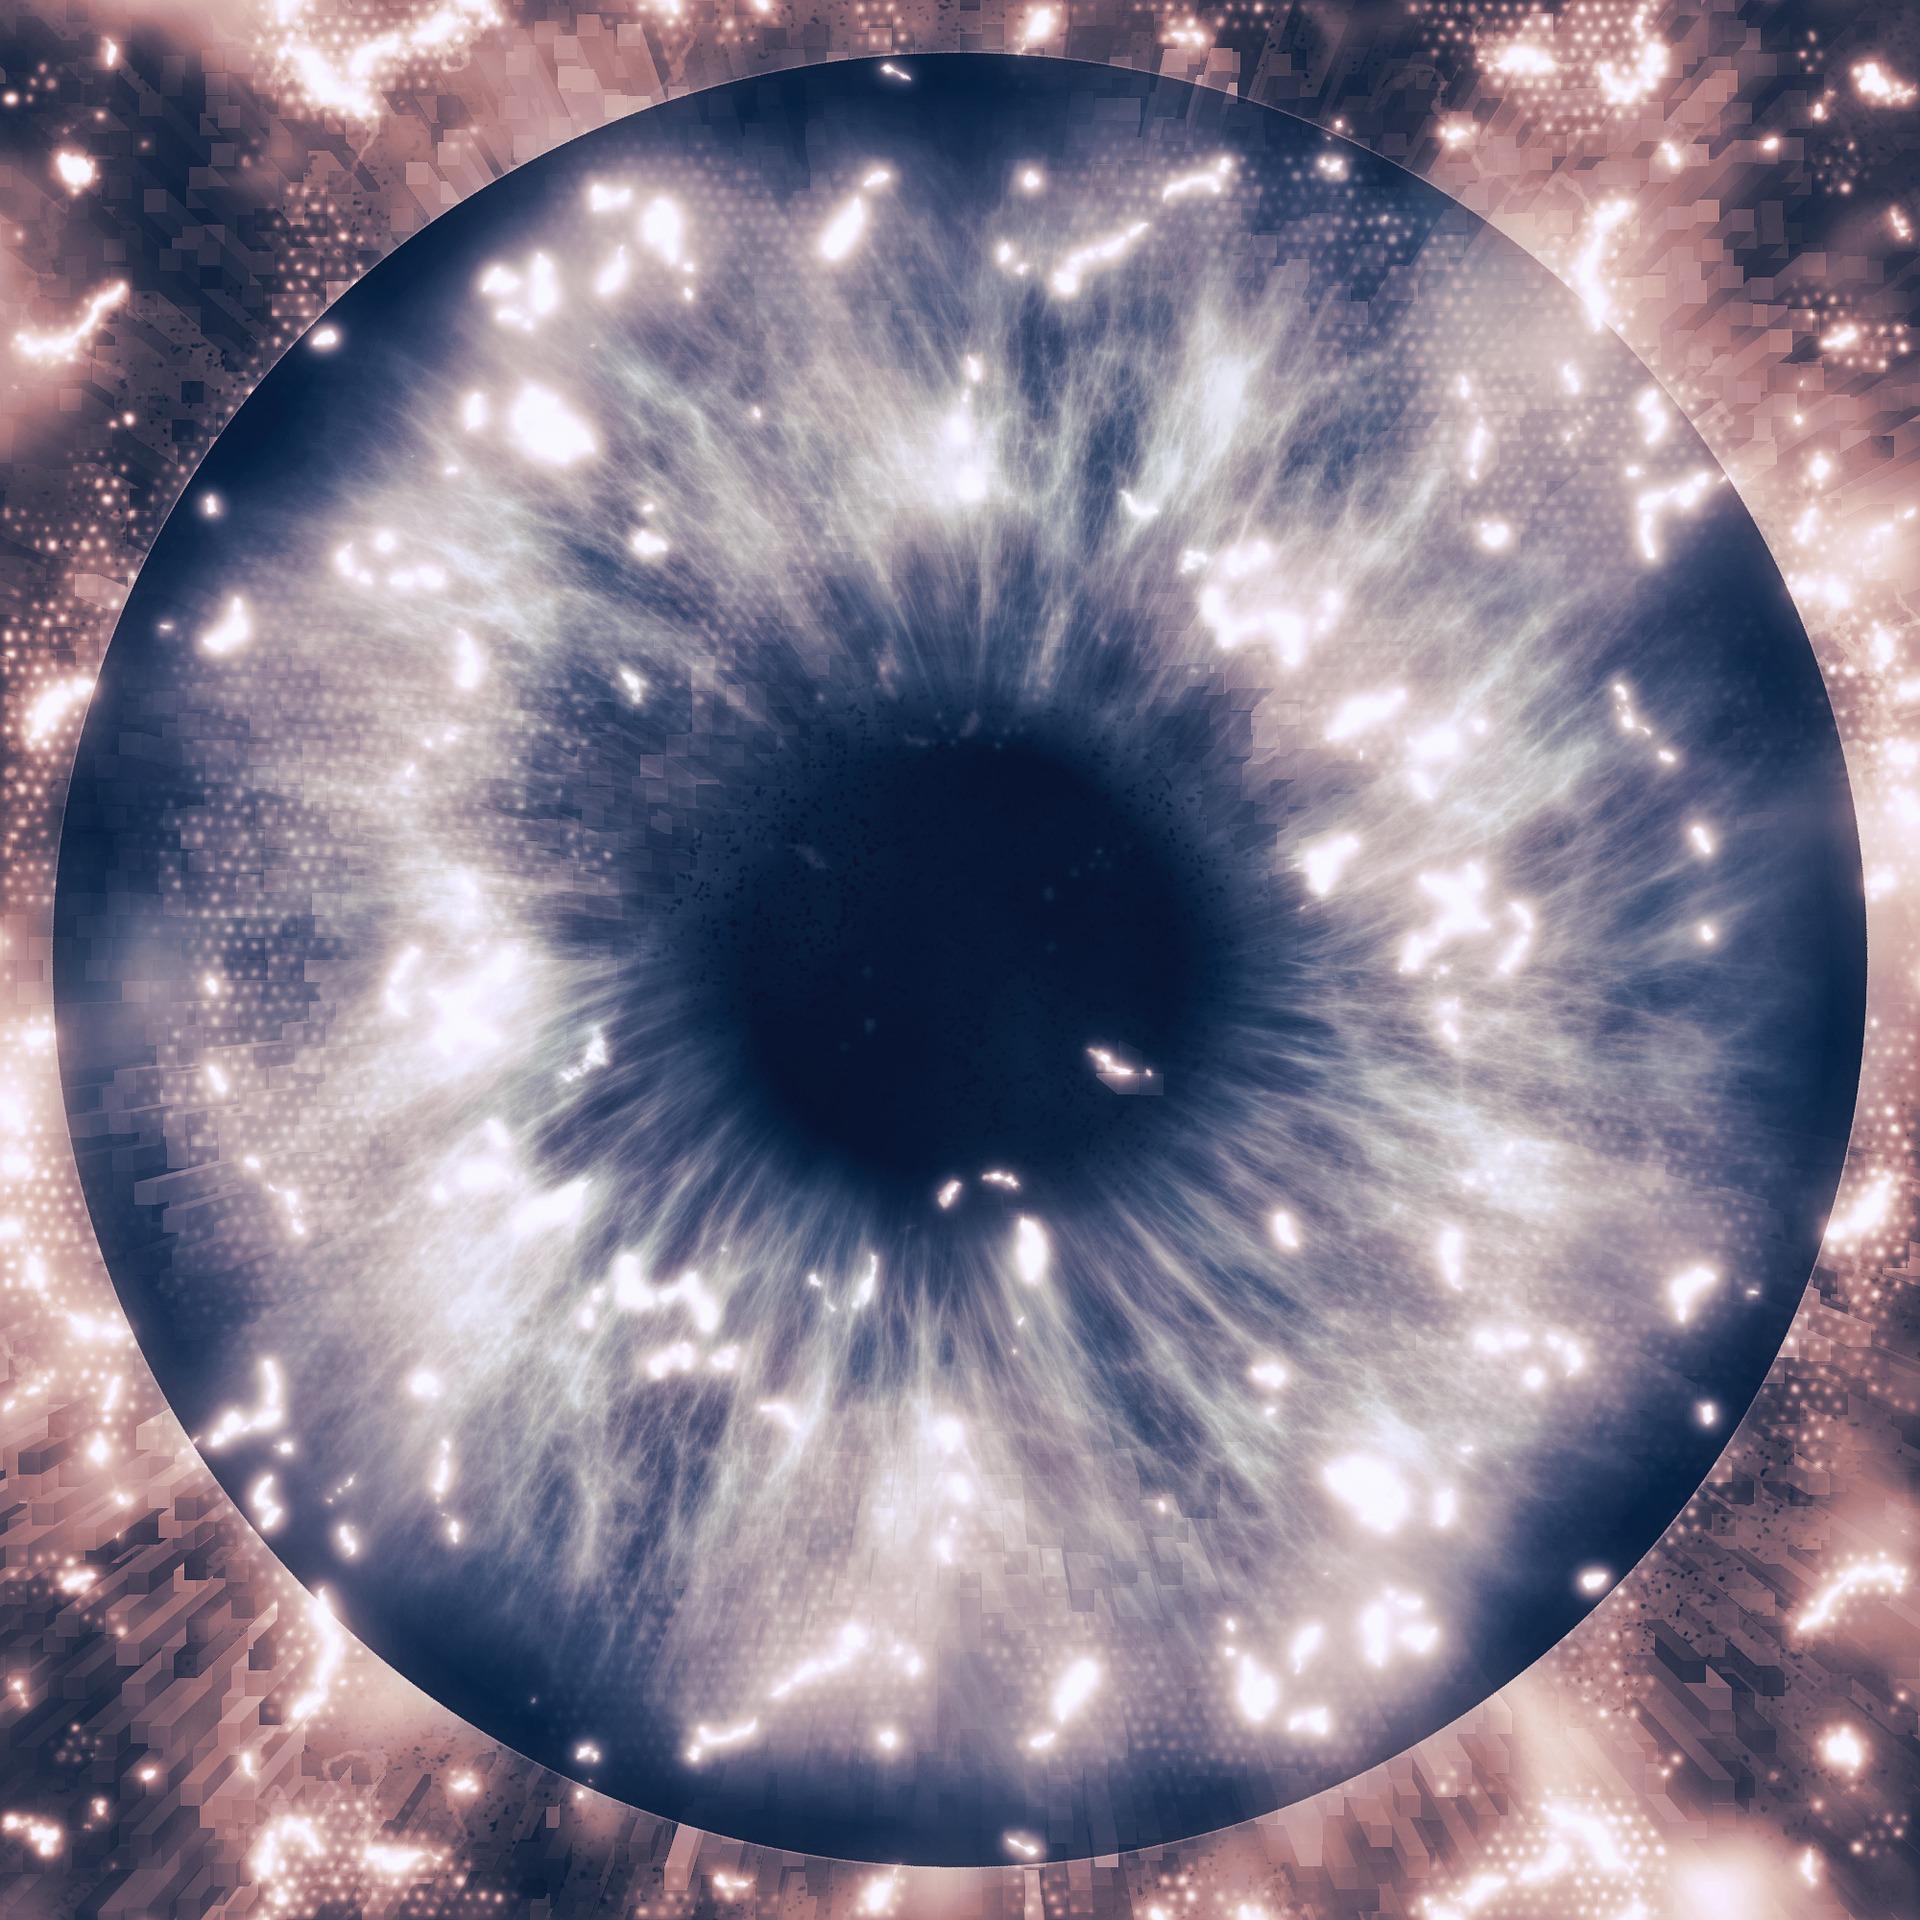 eye-1616986_1920